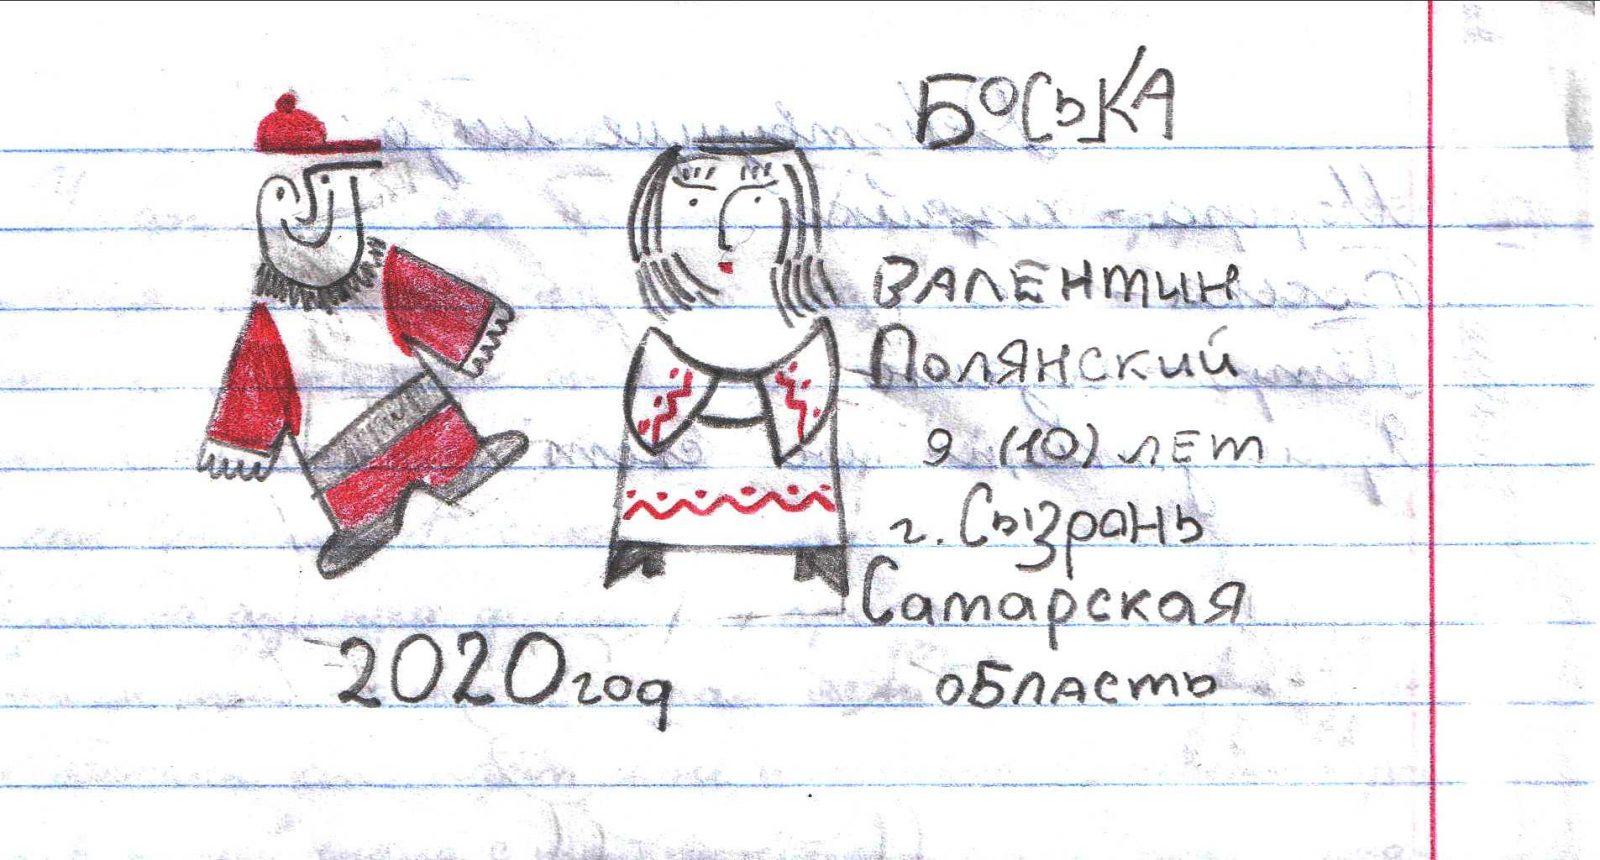 Боська - Полянский Валентин